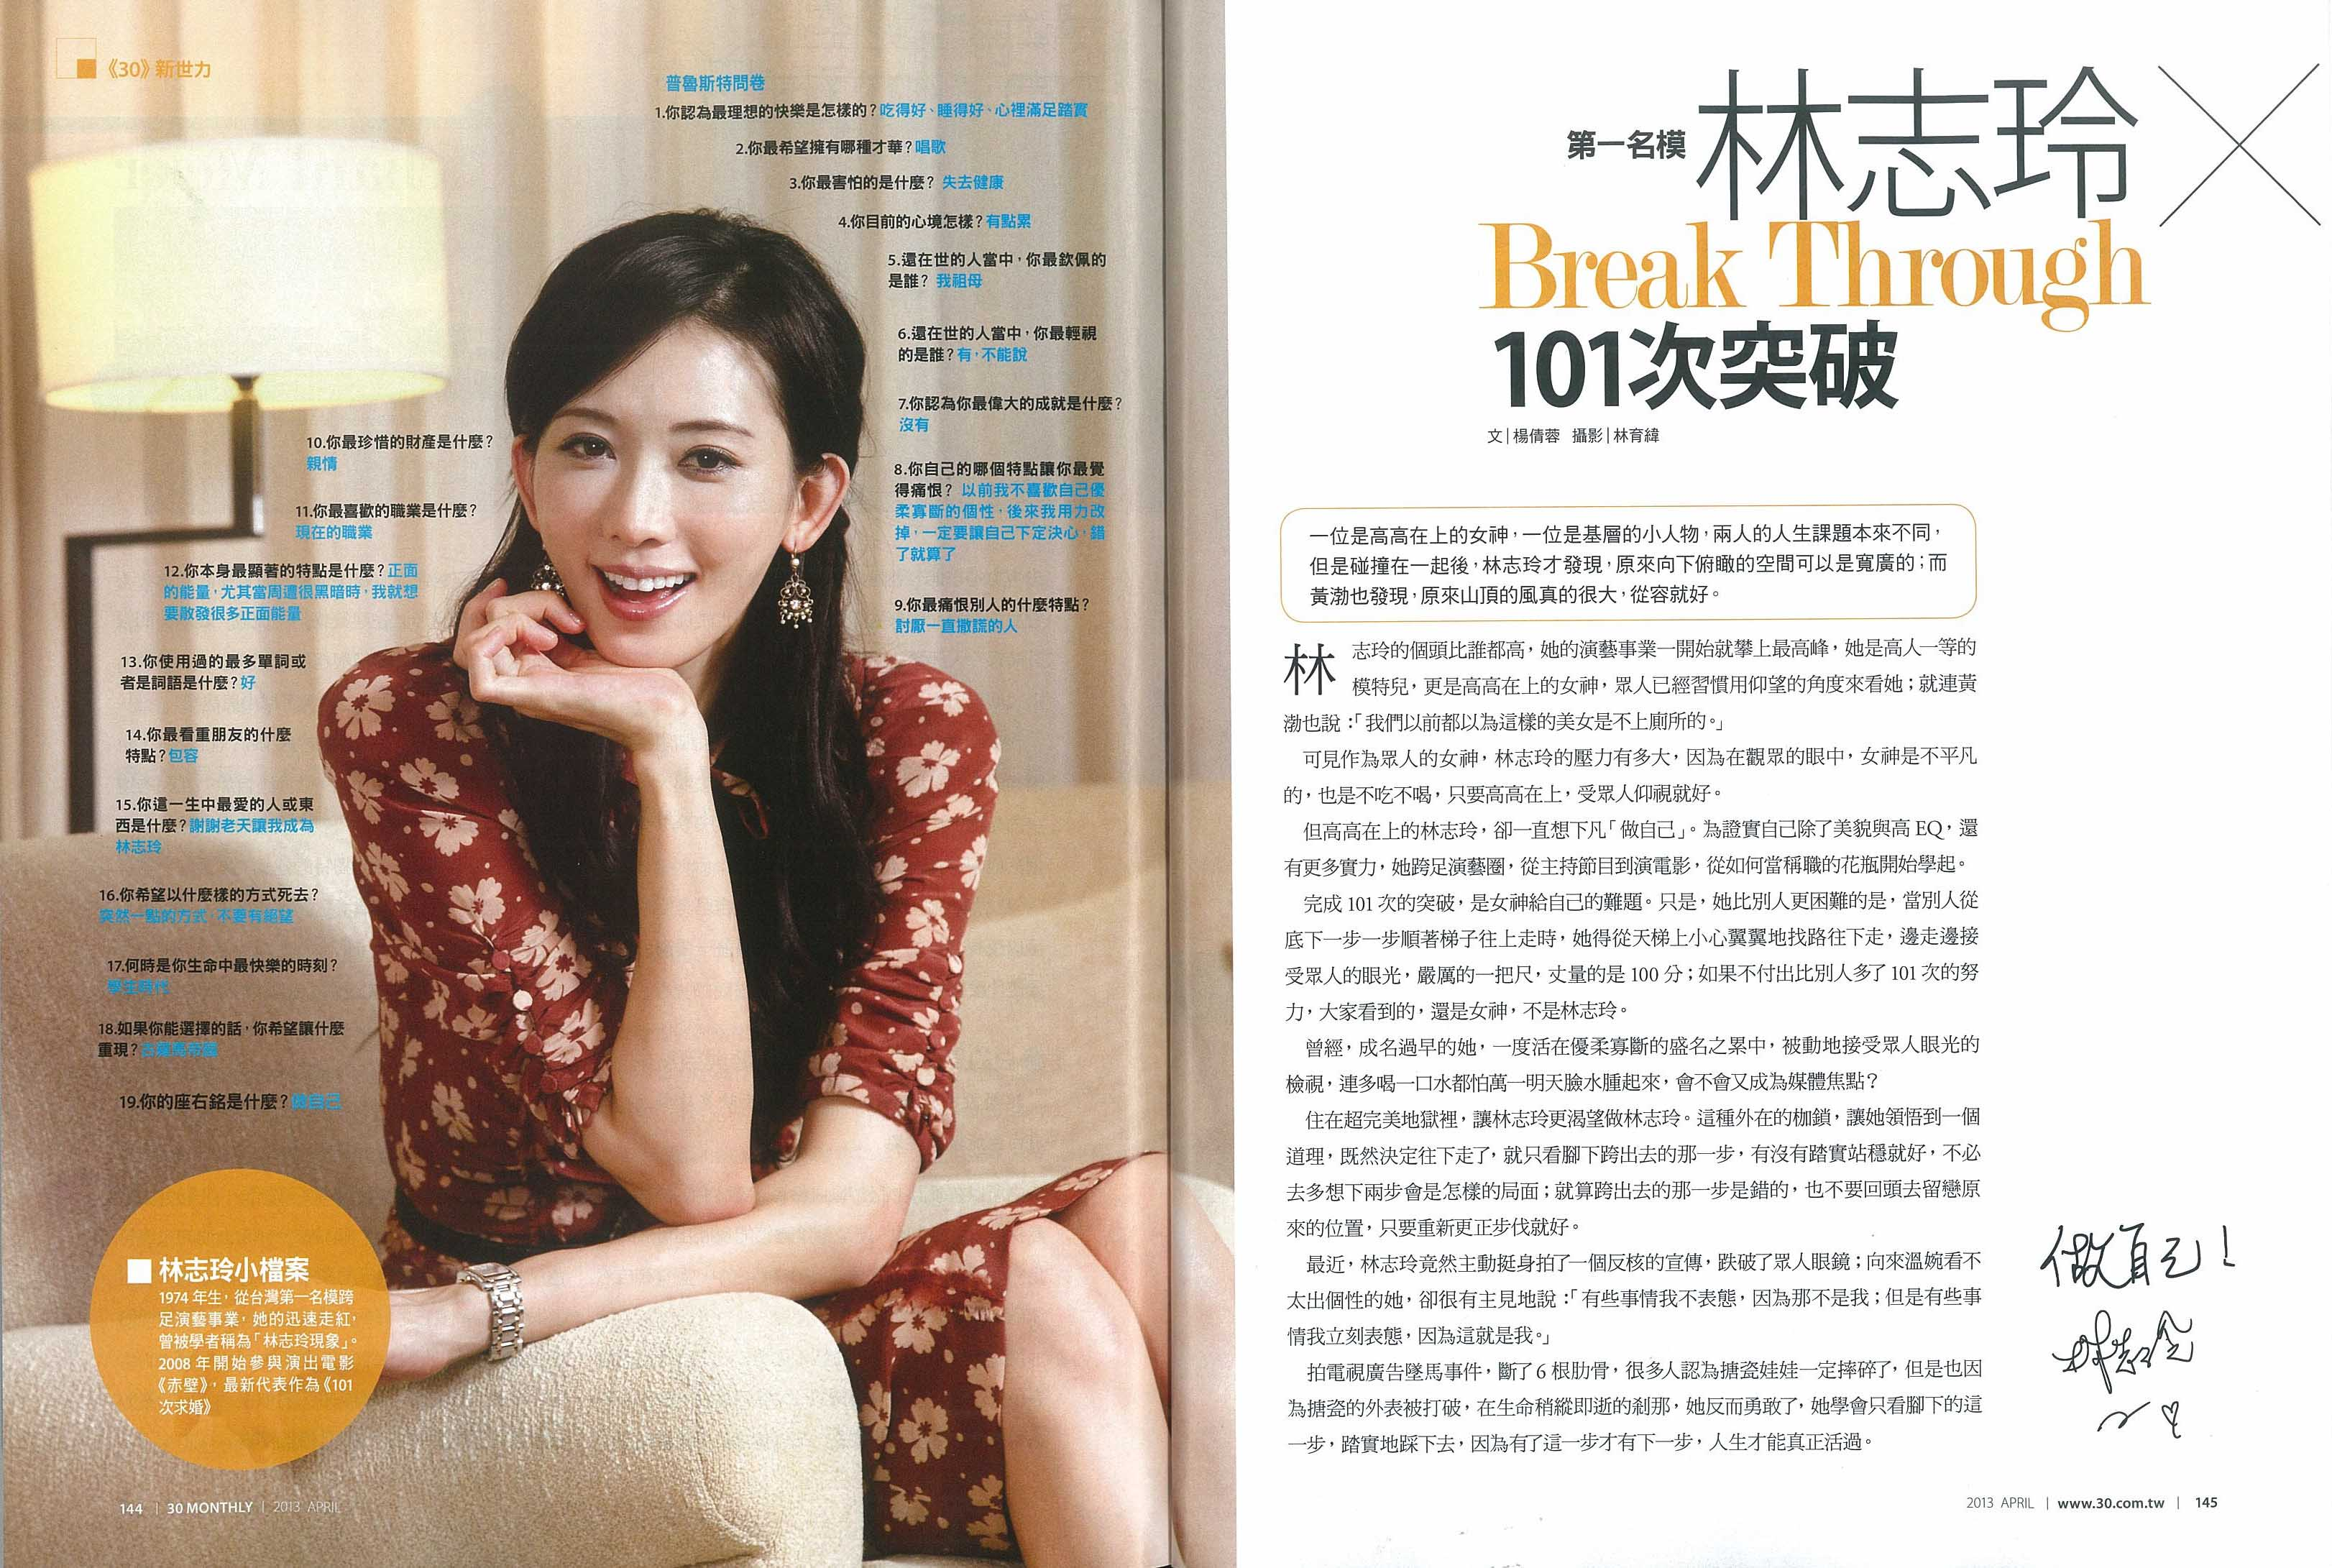 MG露出_2013.04.01_《101次求婚》_30雜誌_專訪黃渤、林志玲_1-2